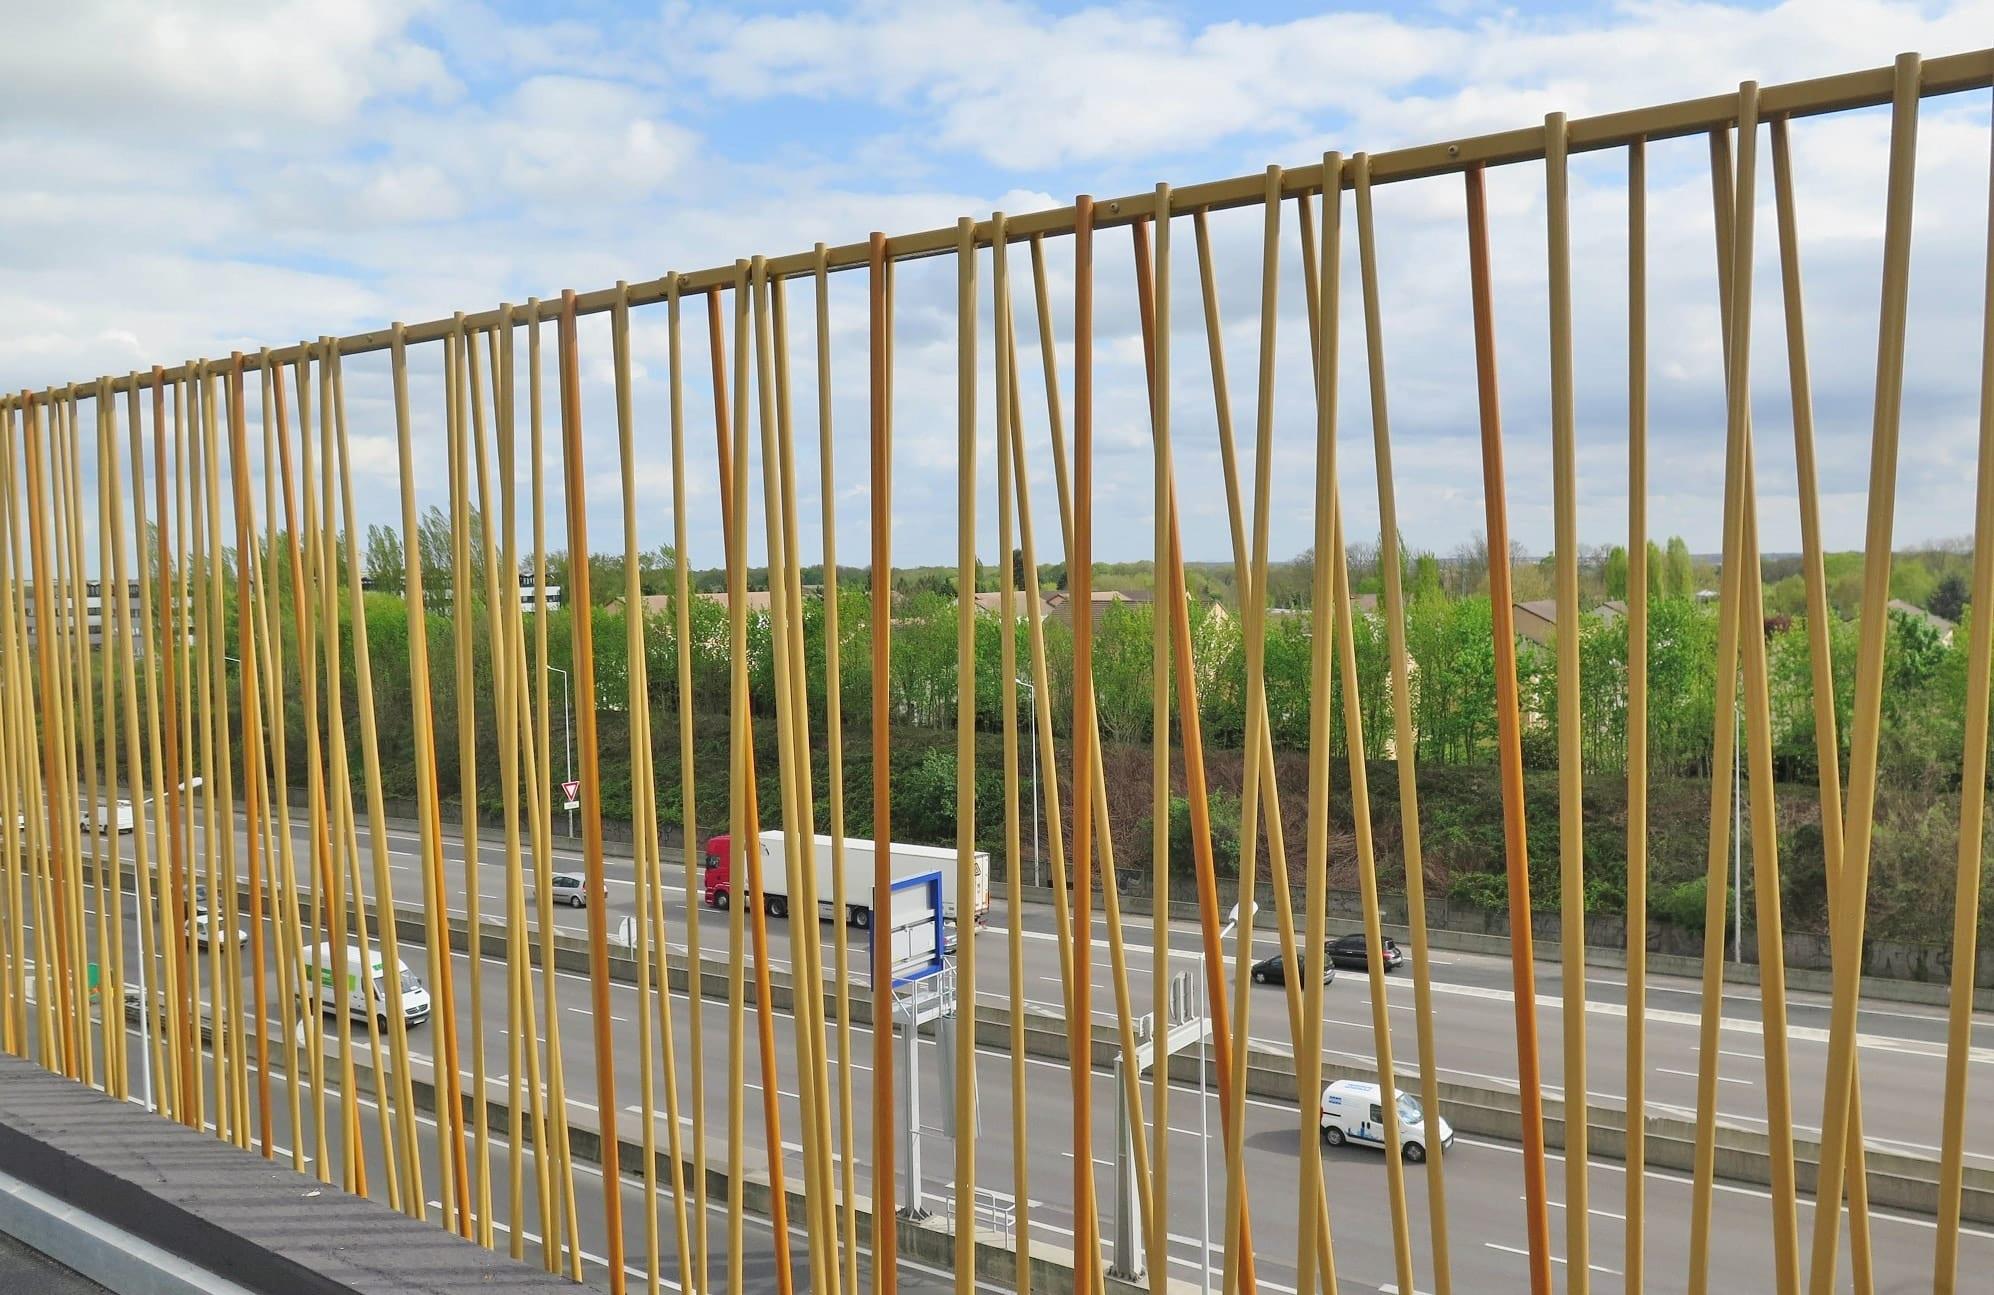 Verja residencial modelo bambú de barrotes aleatorios